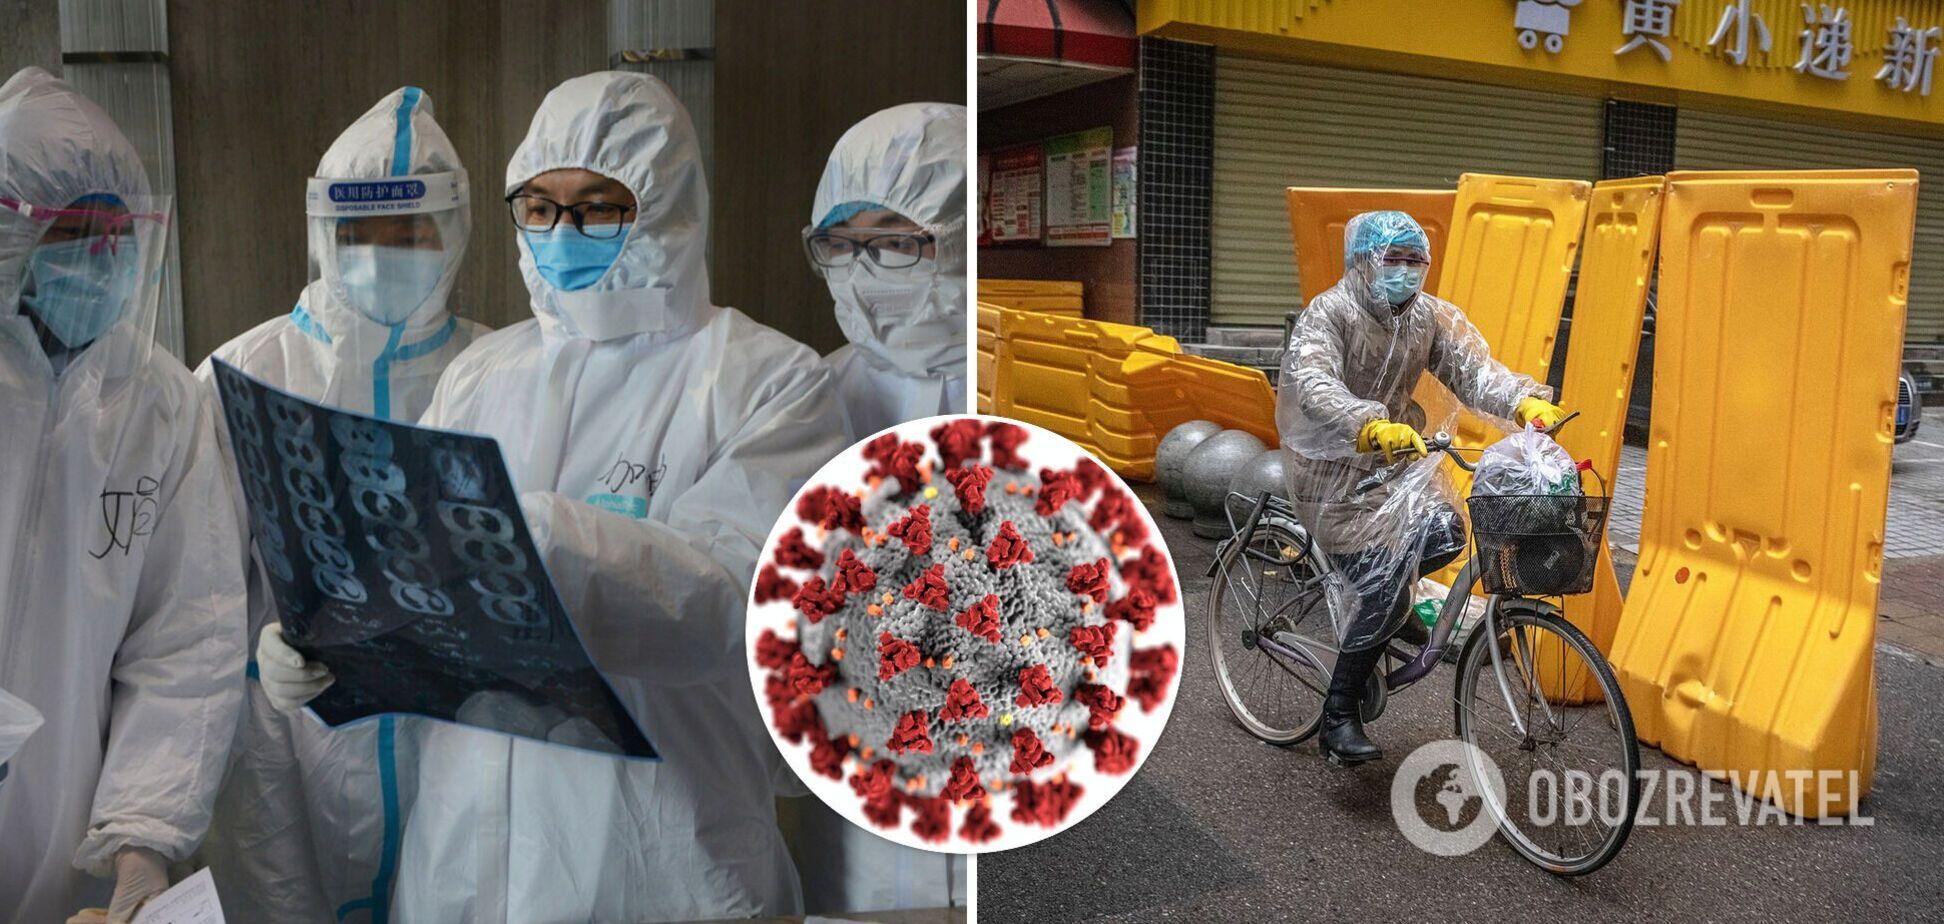 Пандемія COVID-19 в Китаї